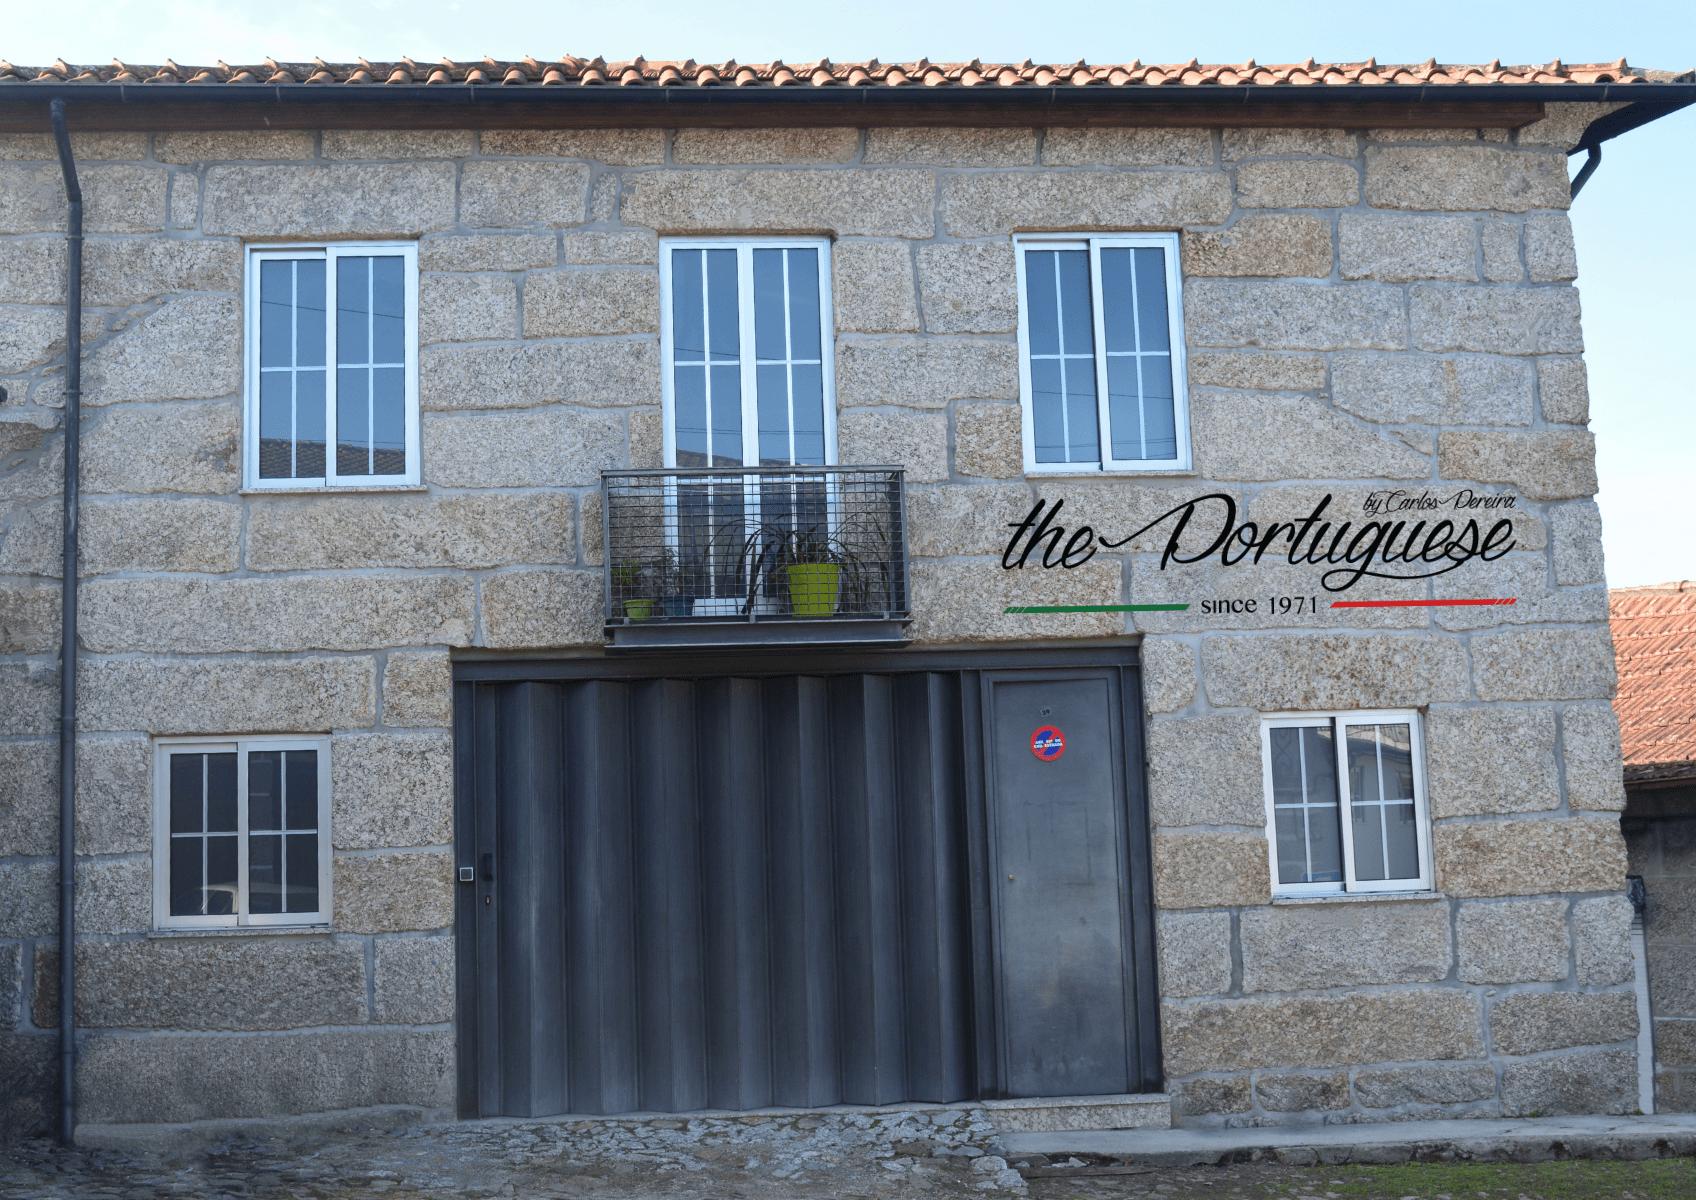 Confeção de malhas e vestuário - Empresa têxtil